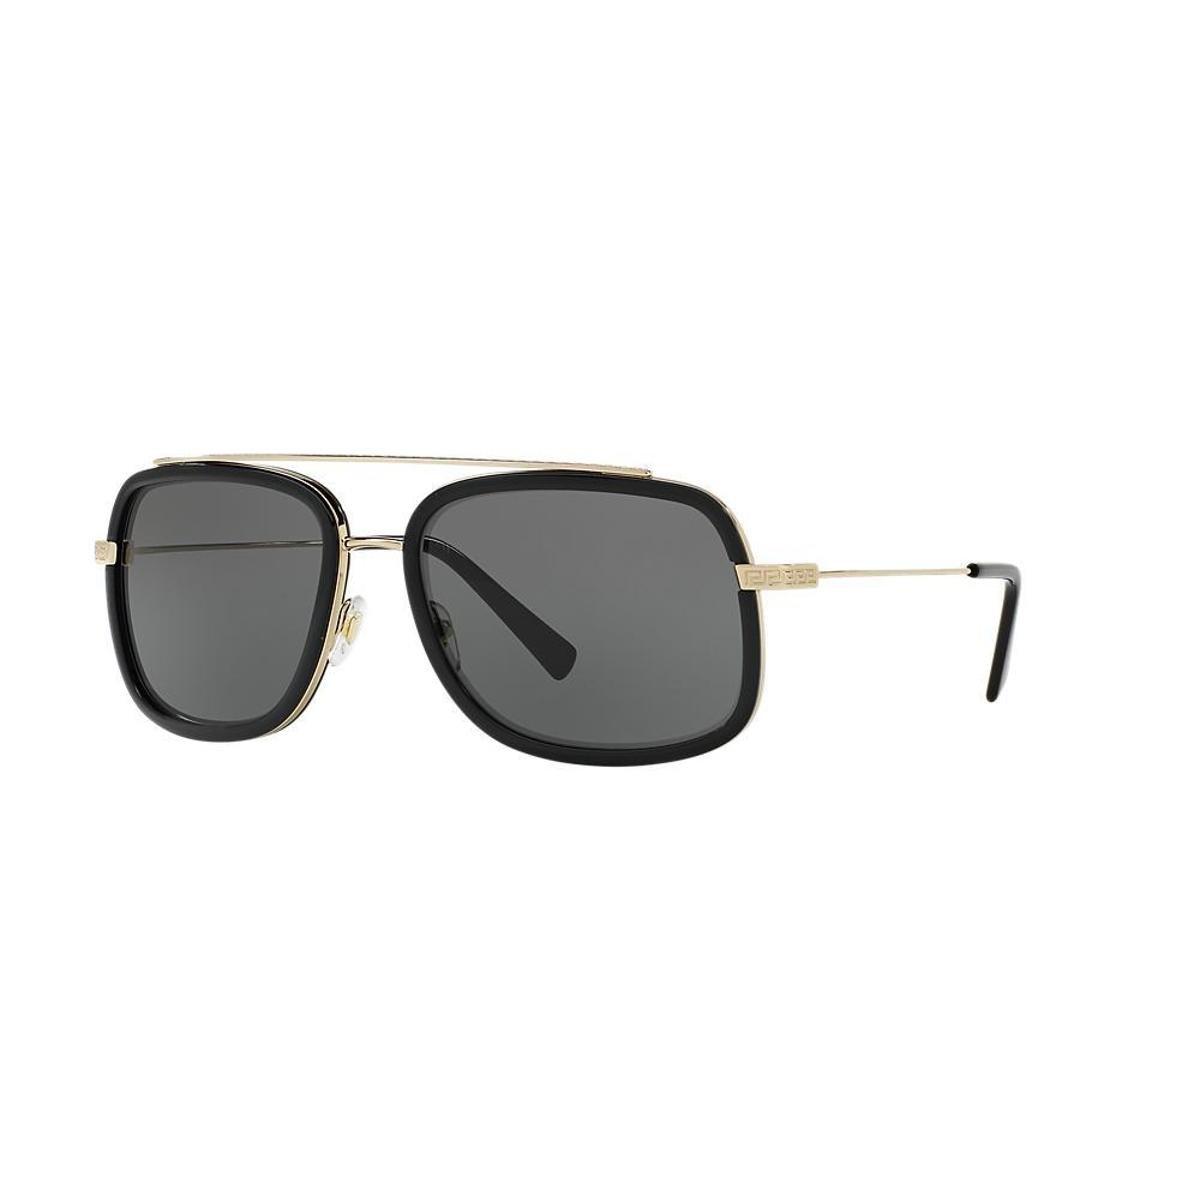 Óculos de Sol Versace Quadrado VE2173 Feminino - Compre Agora   Zattini 7442d9df11